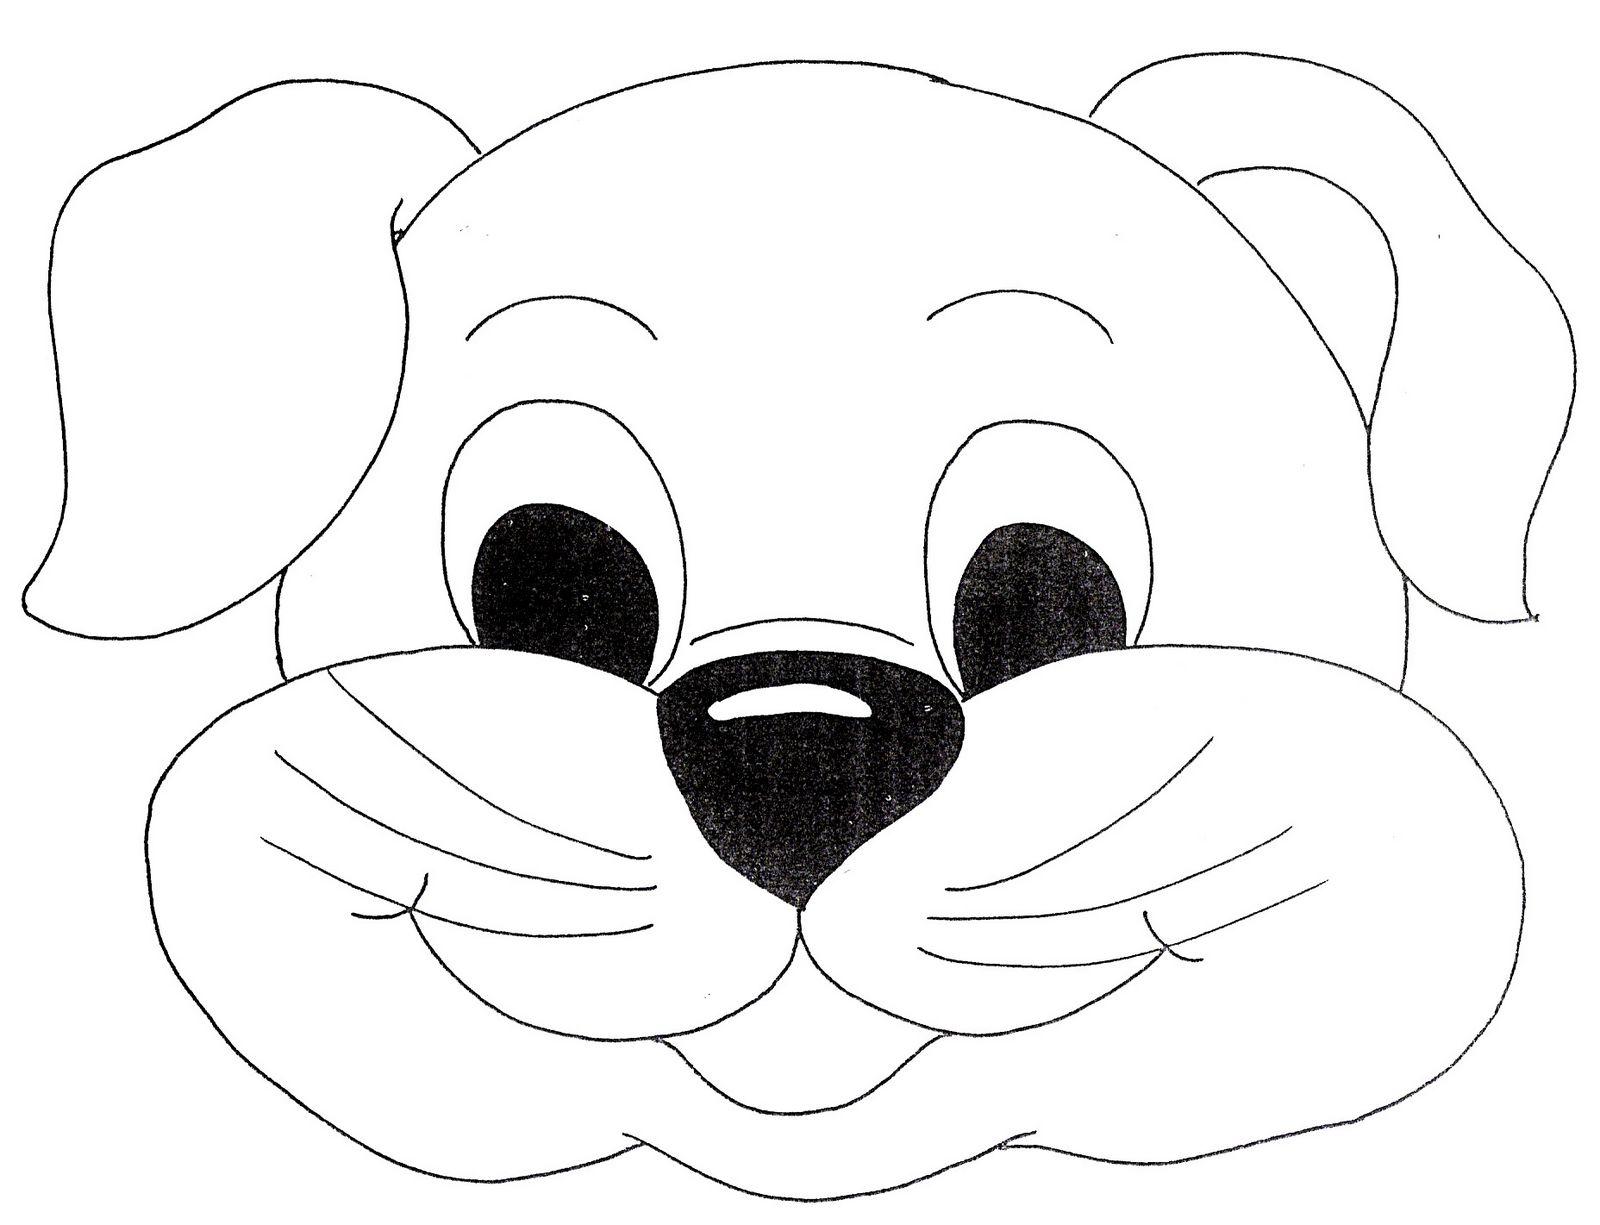 картинка маска собаки распечатать длинных грузов